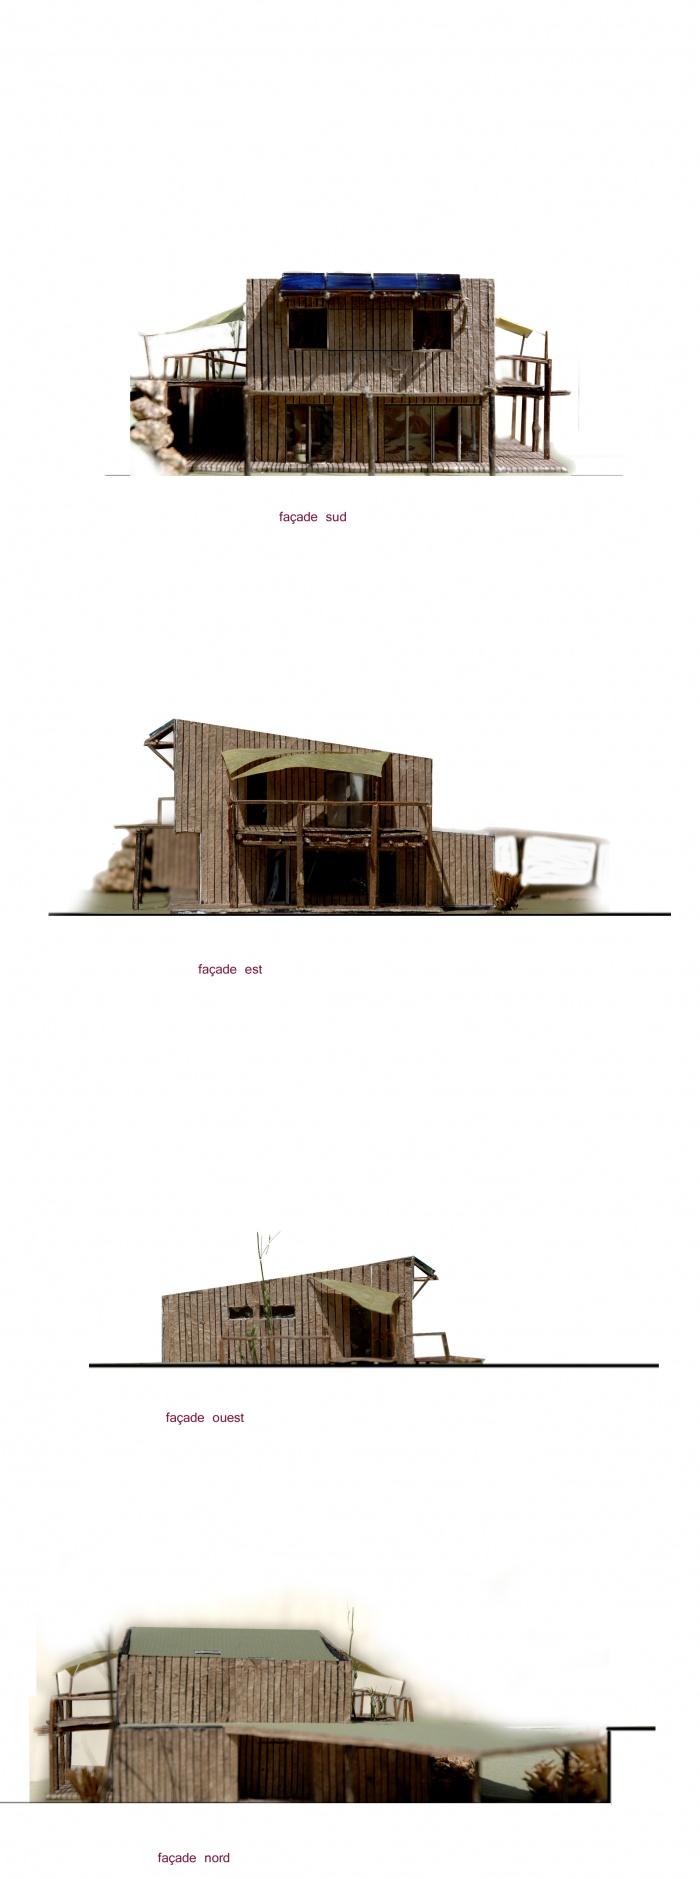 Un projet réalisé par Virginie Farges